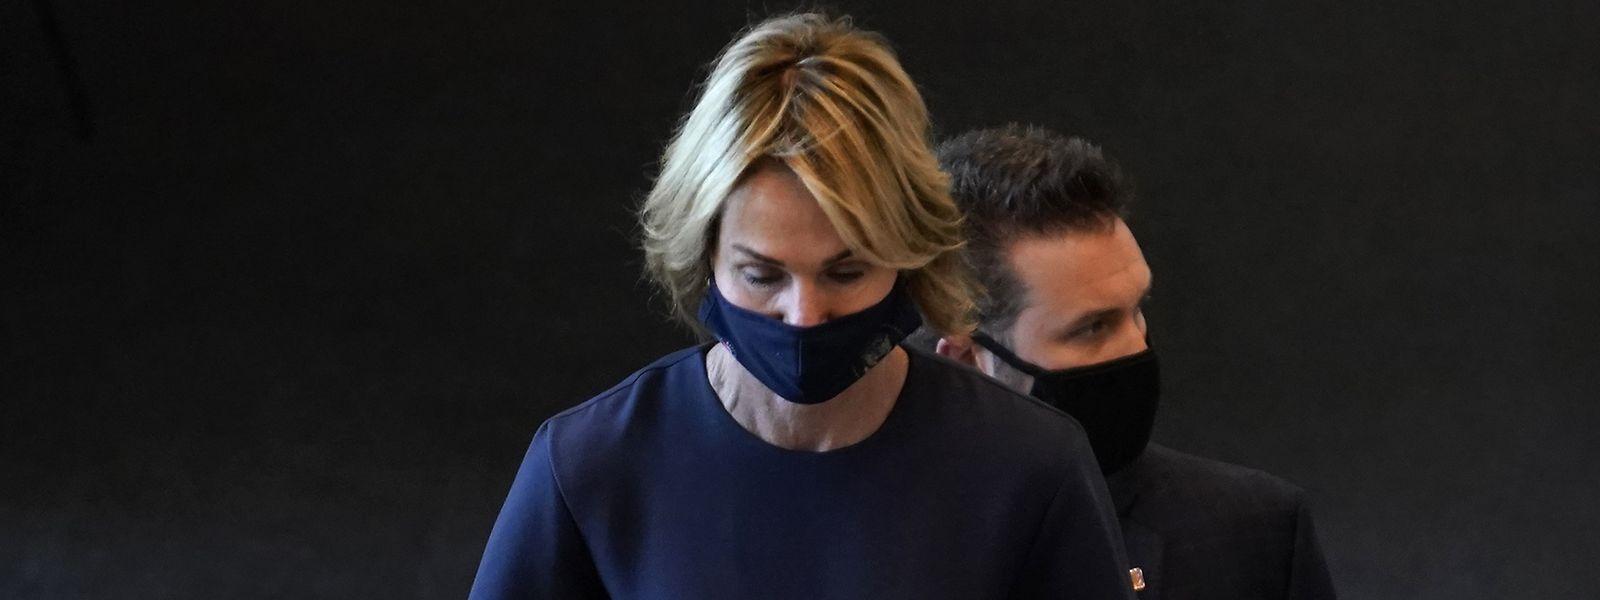 UN-Botschafterin Kelly Craft bei ihrer Ankunft im UN-Gebäude in New York.